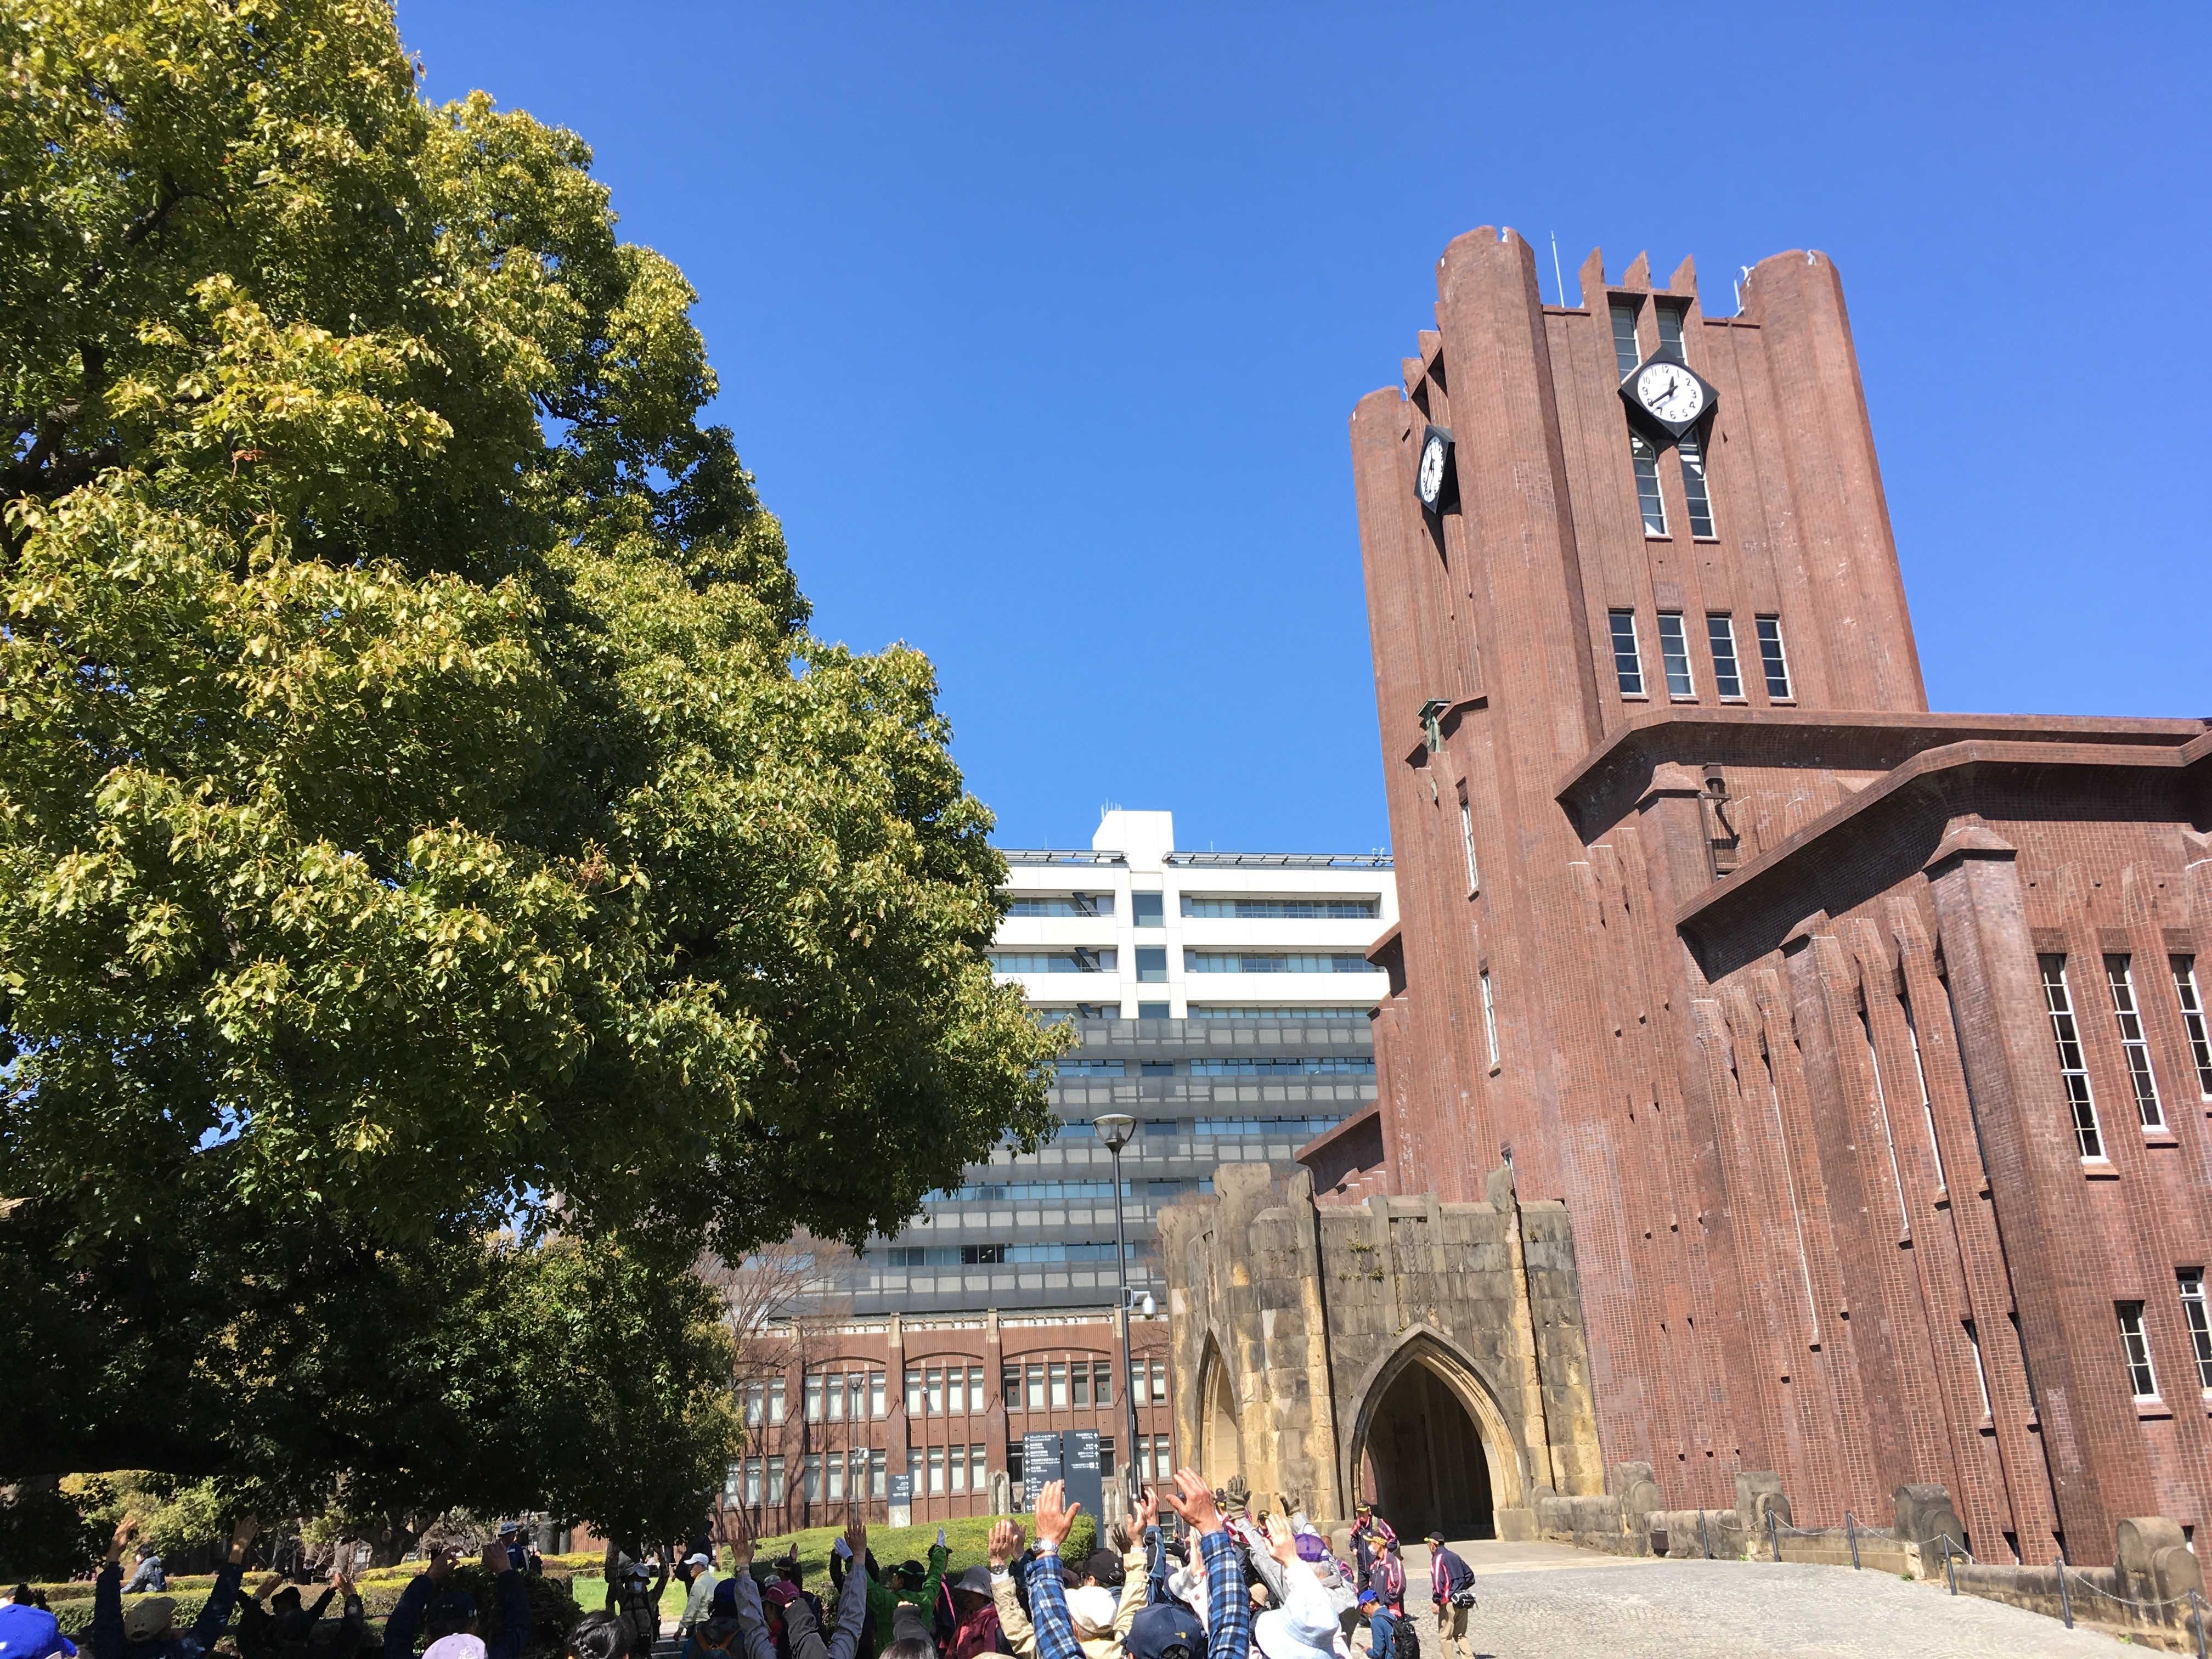 安田講堂(東京大学大学堂)前